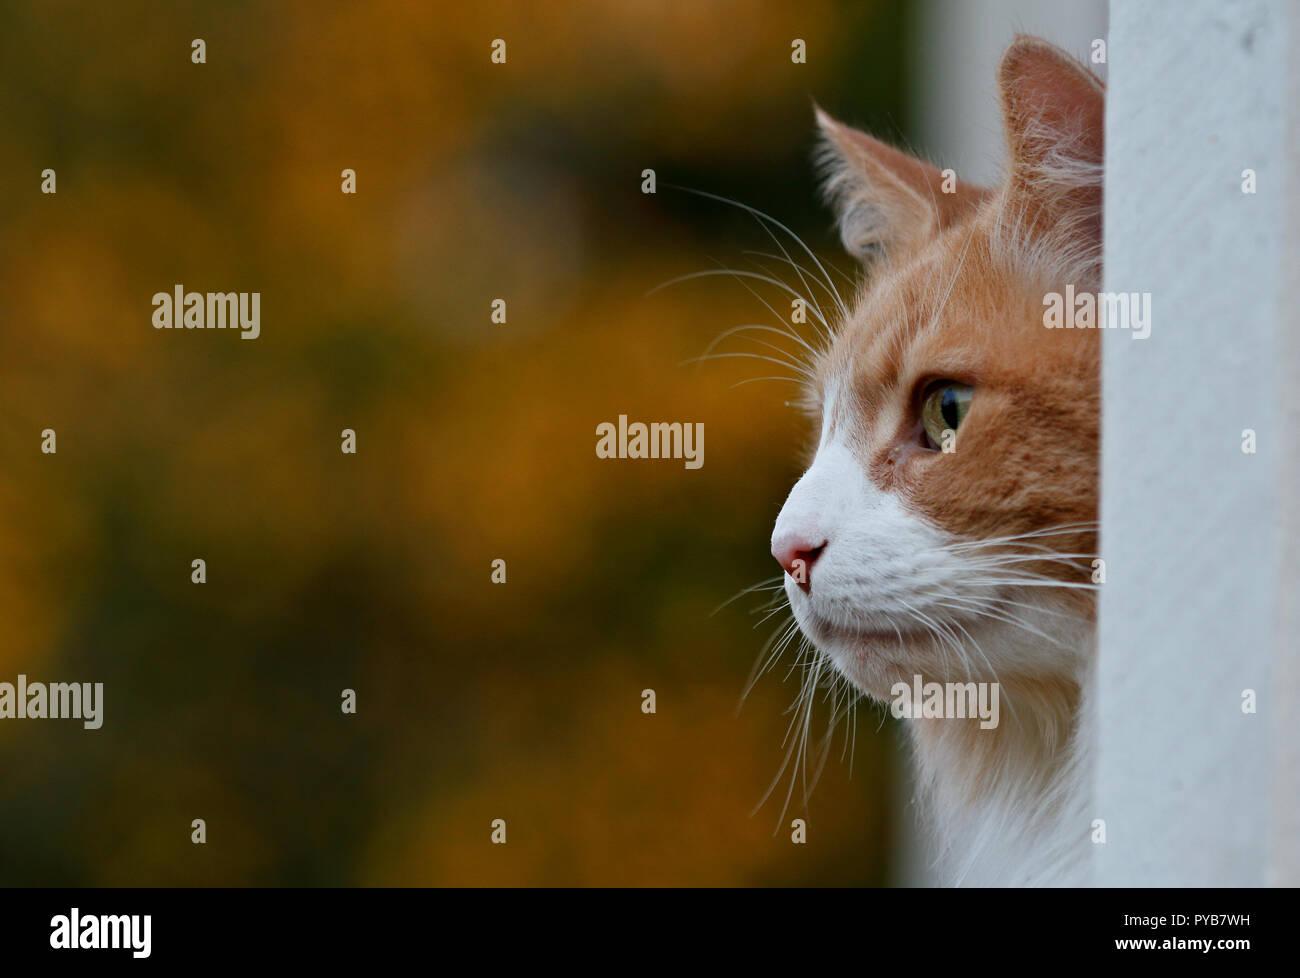 Norwegian forest cat outdoors. He is hiding in corner. - Stock Image